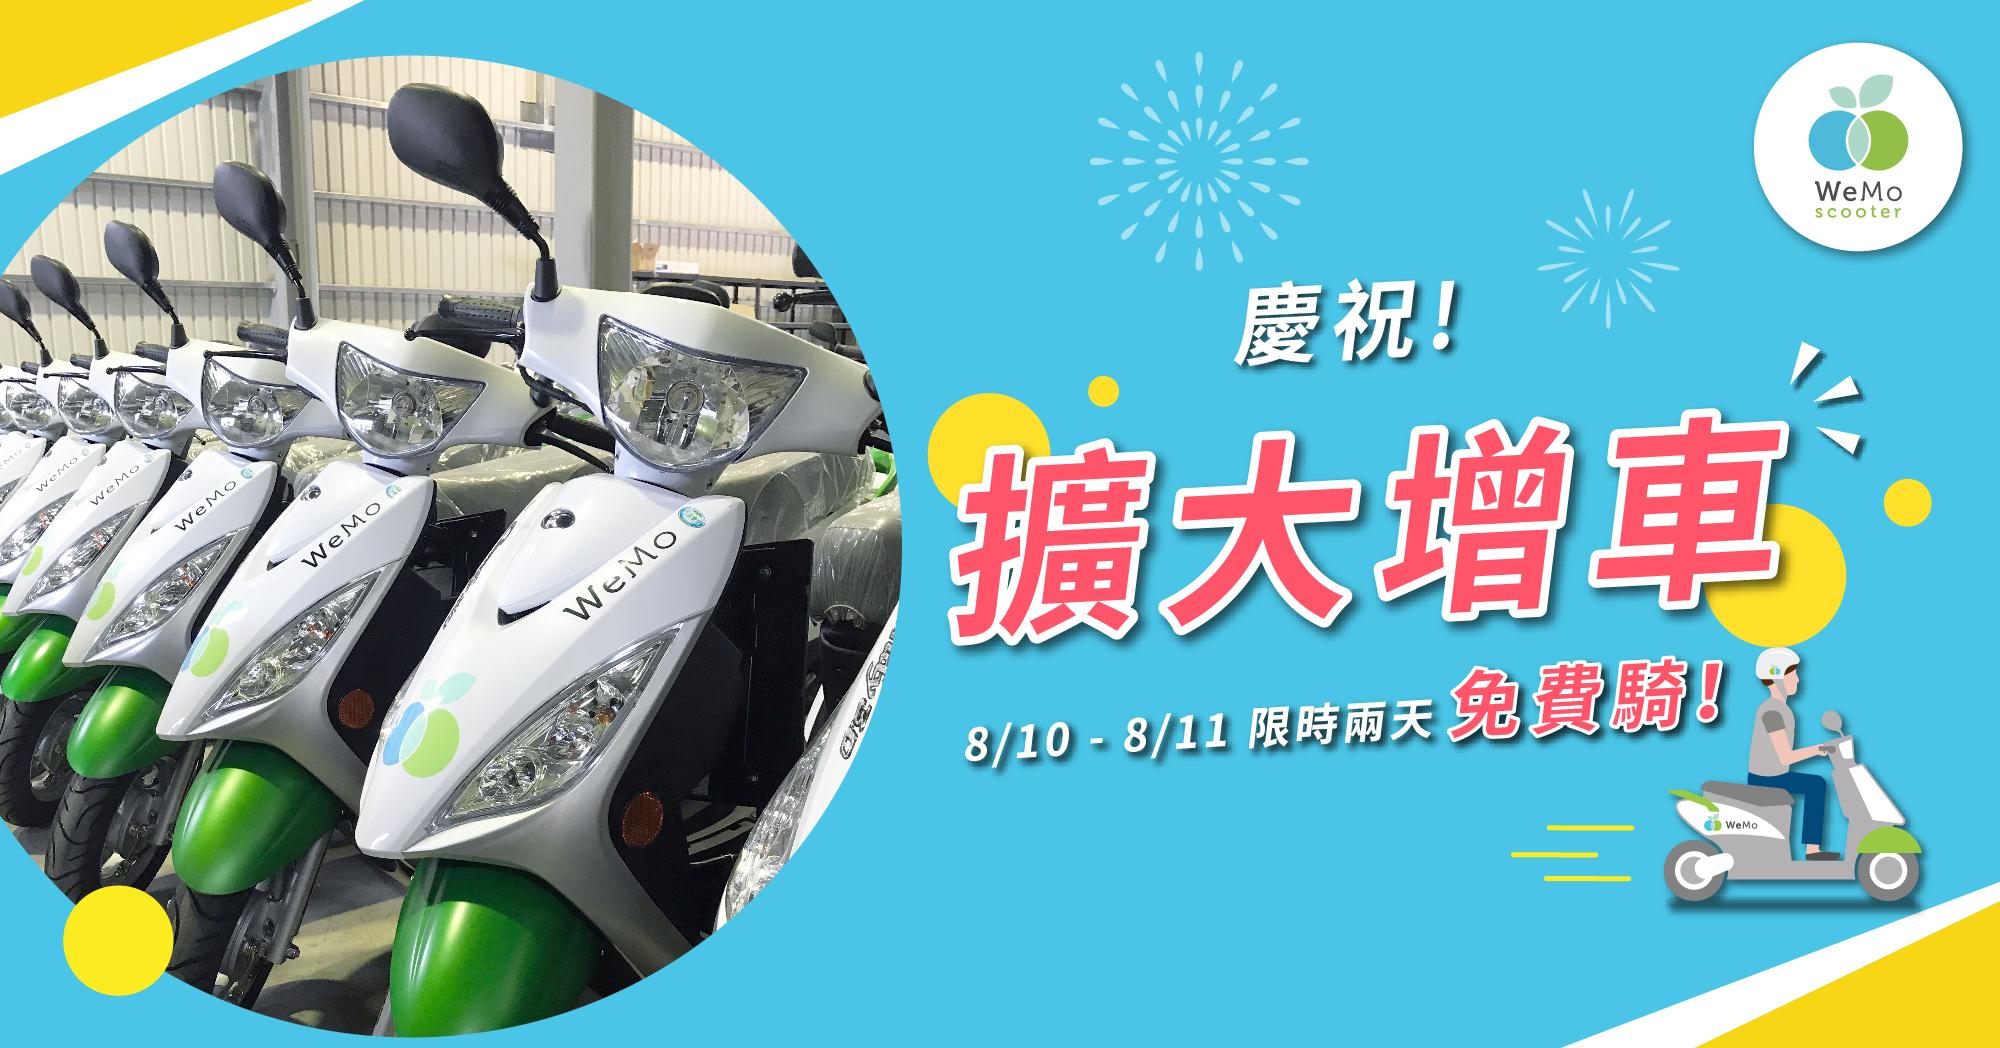 共享機車 WeMo Scooter 歡慶擴大營運再添500台 限時兩天免費騎